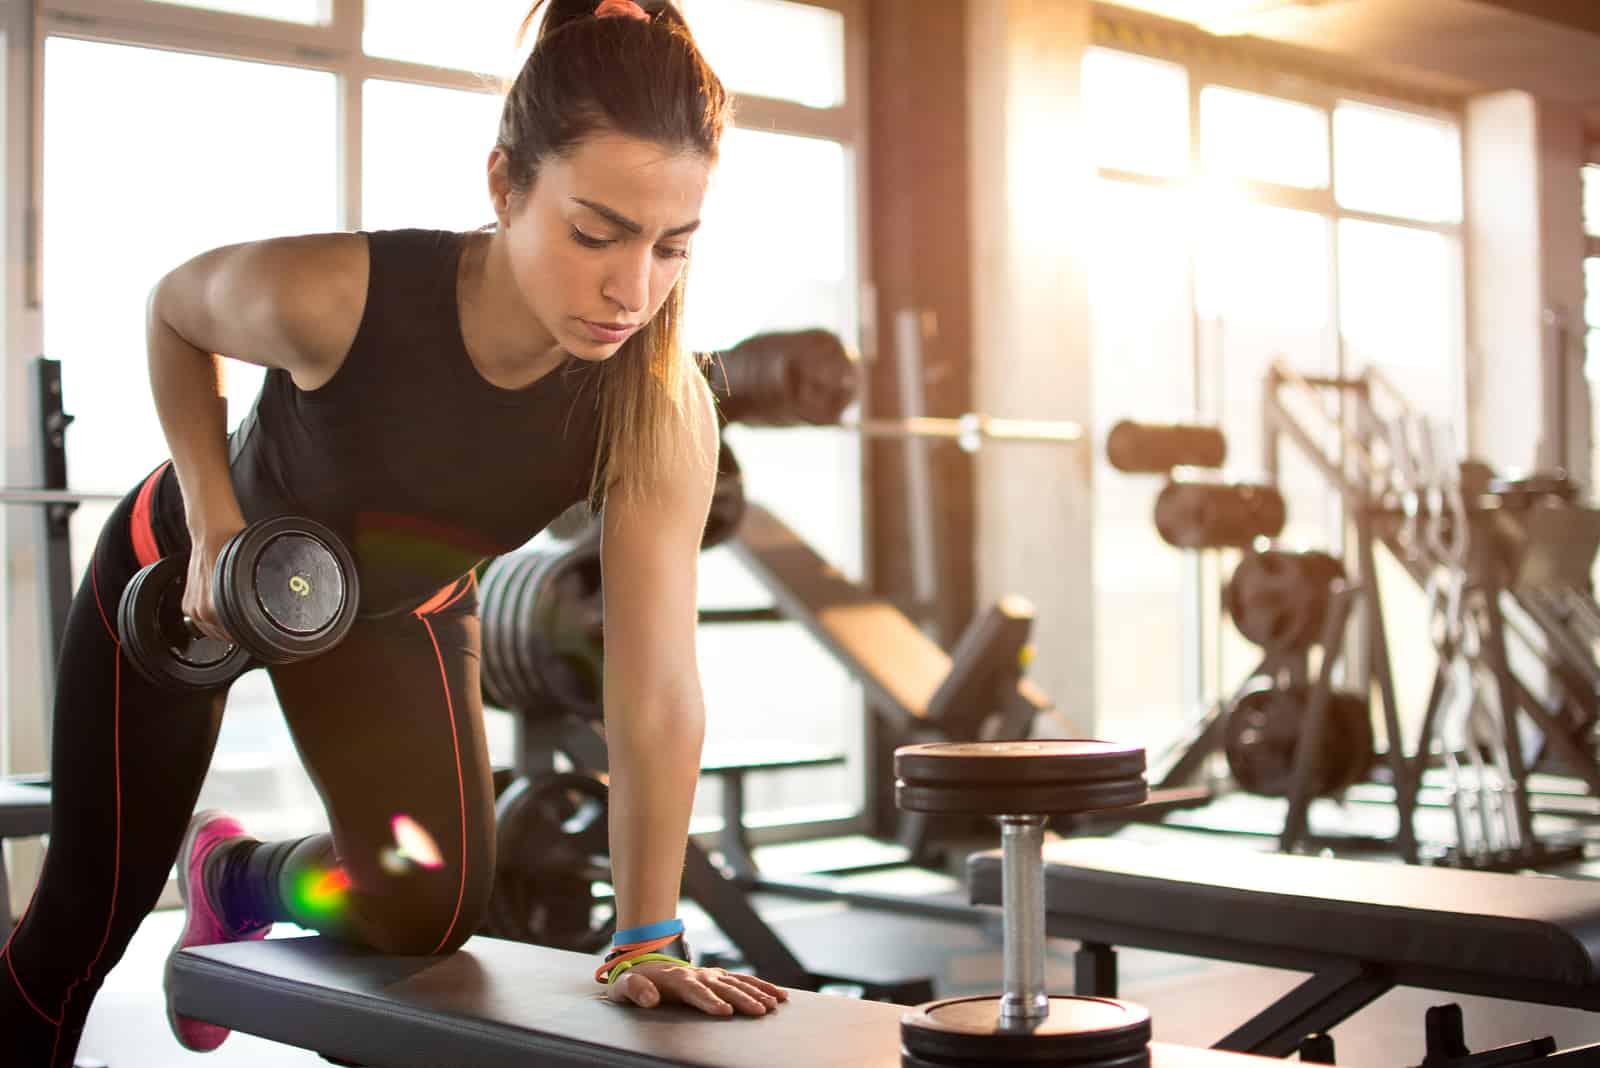 une jeune femme soulève des poids au gymnase